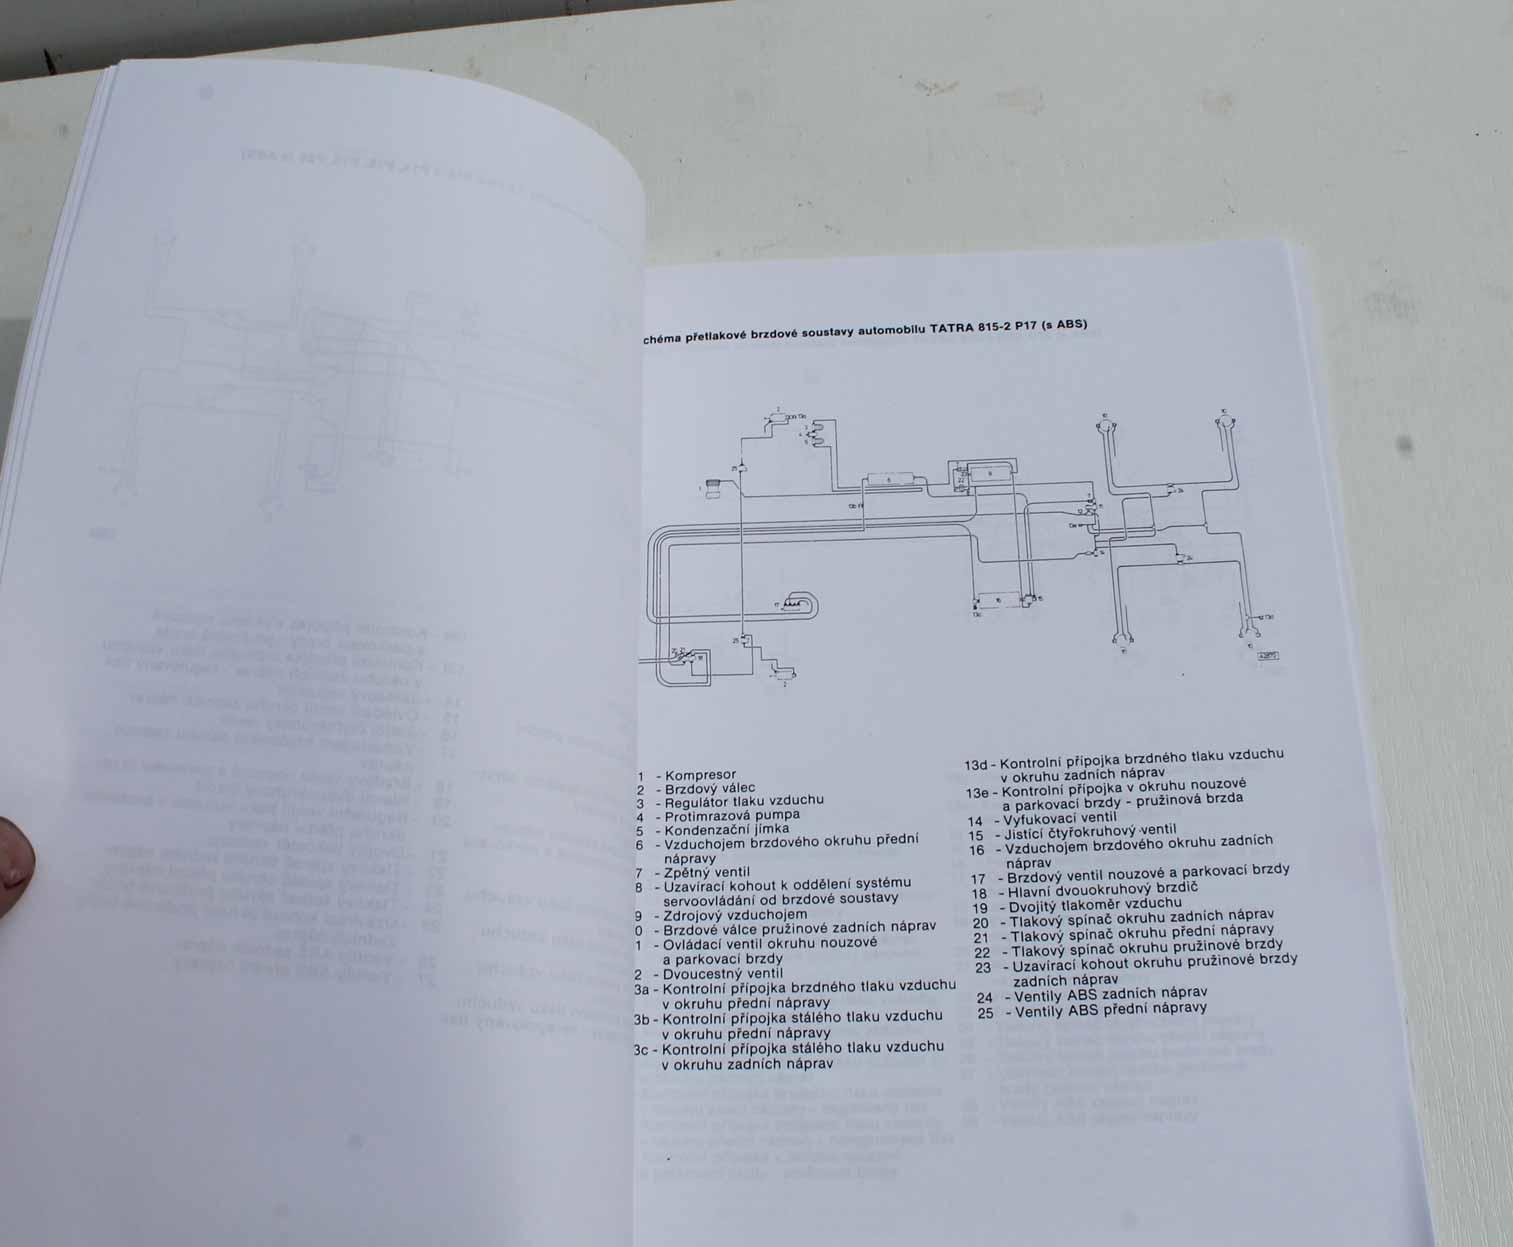 Dodatek K Dilenske Prirucce Pro Abs Na Tatra 815 2 Motomanual